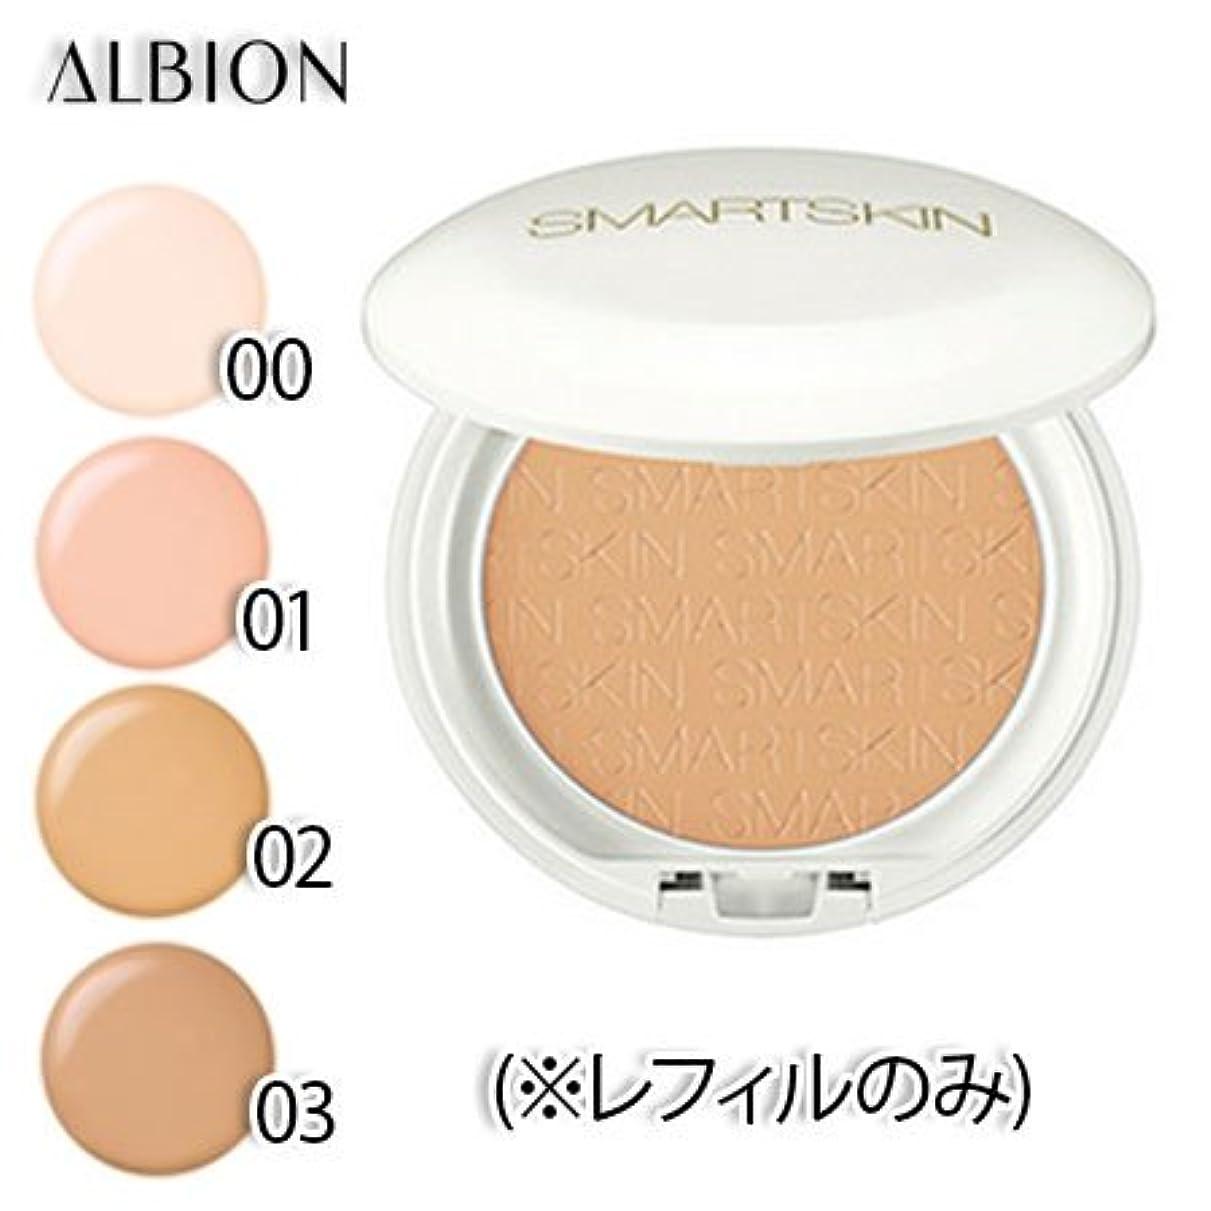 膜ウォルターカニンガム同様にアルビオン スマートスキン ホワイトレア 全4色 (レフィルのみ) SPF40 PA++++ 10g -ALBION- 01